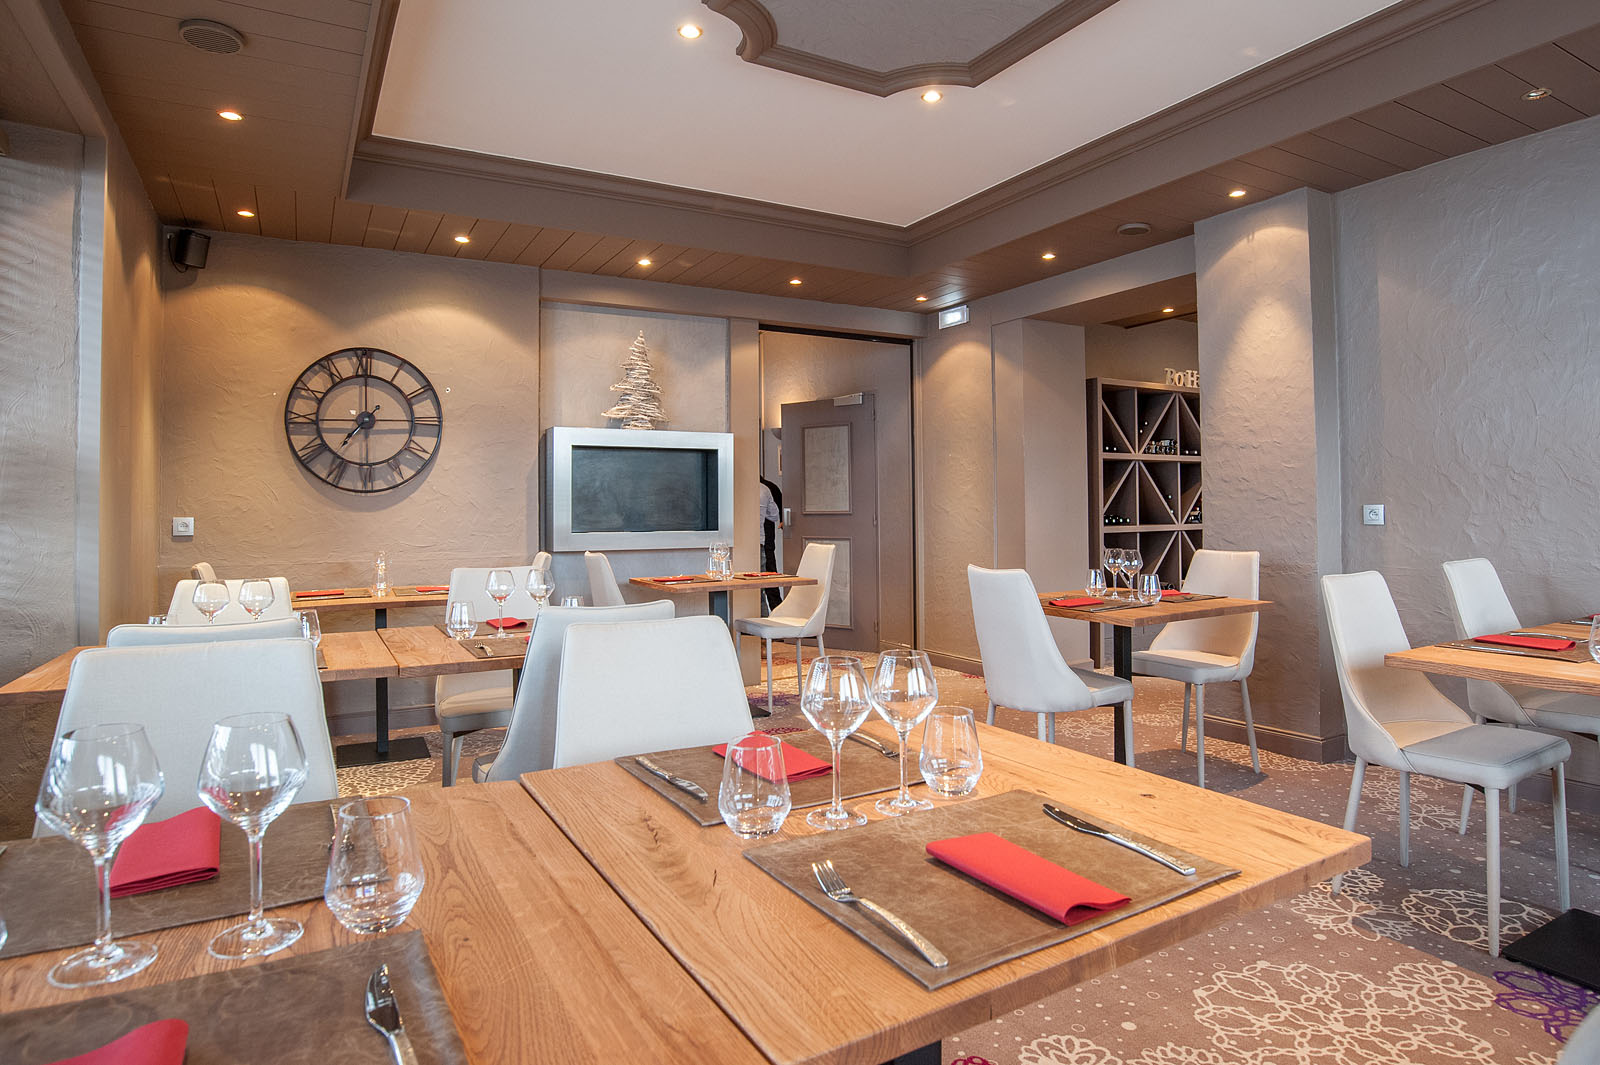 Photographe d'hôtel en Beaufortain : salle du restaurant de l'hôtel